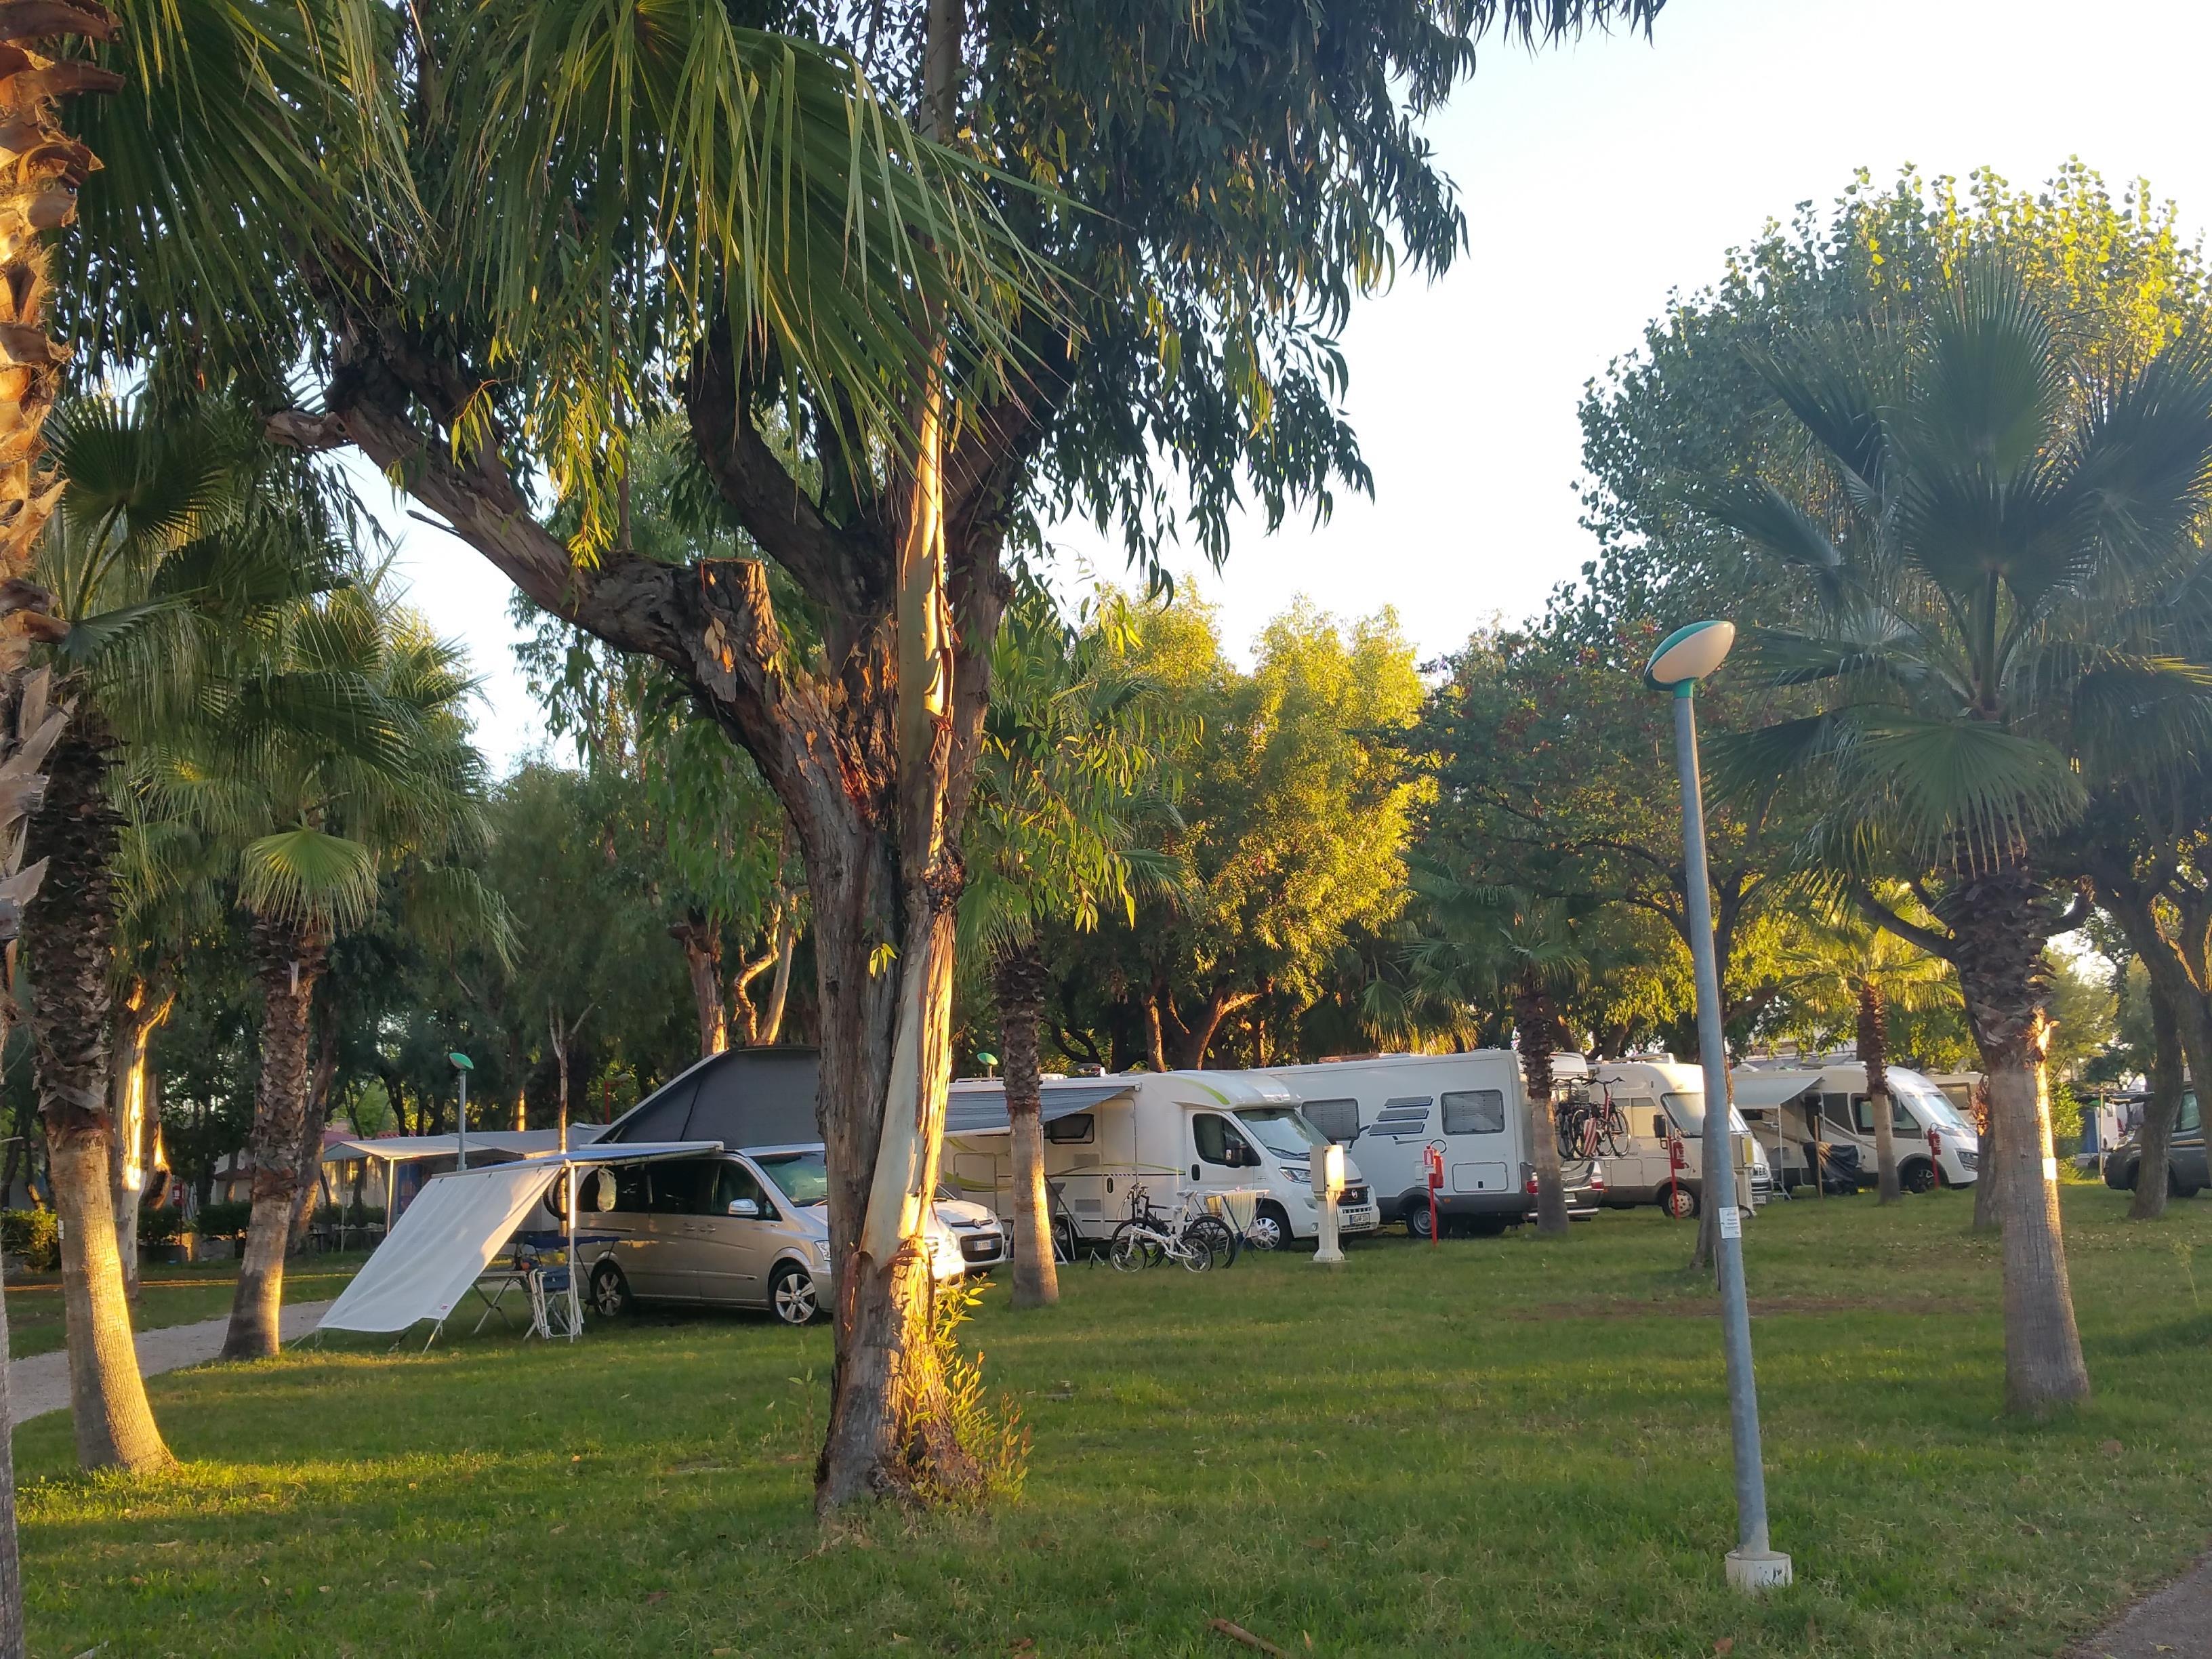 Emplacement - Emplacement + 1 Voiture + Tente, Caravane Ou Camping-Car + Électricité 6A - Camping Village Eurcamping